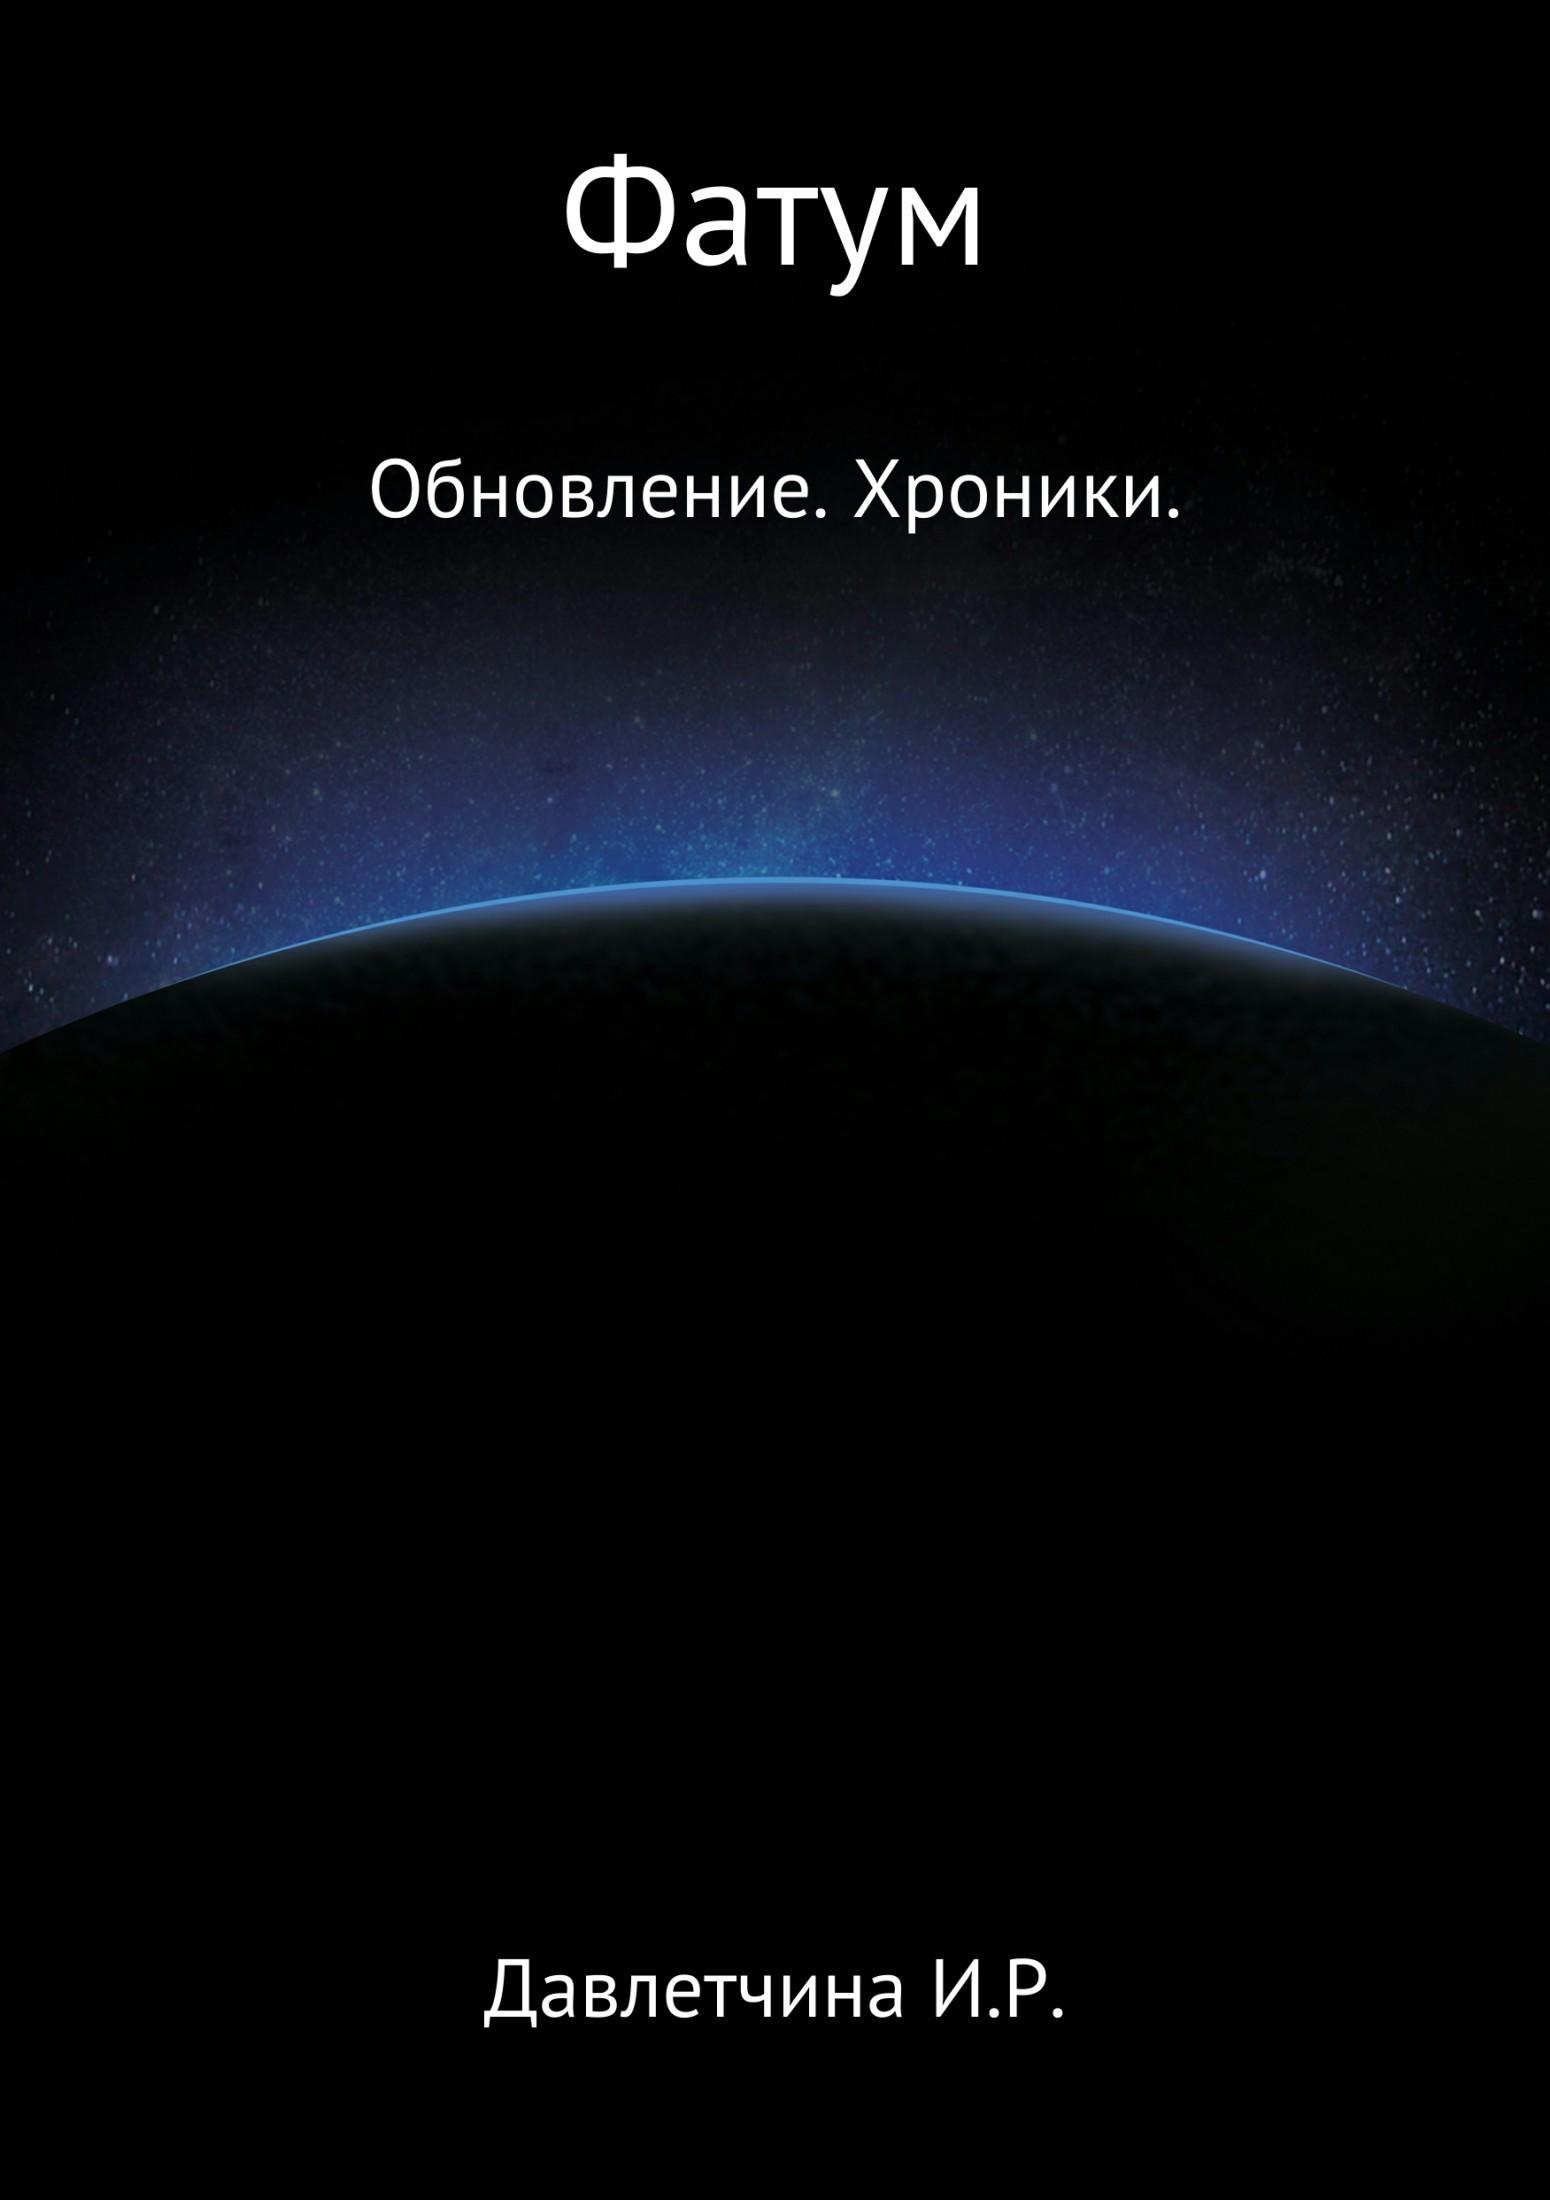 Ирина Рафаиловна Давлетчина. Фатум